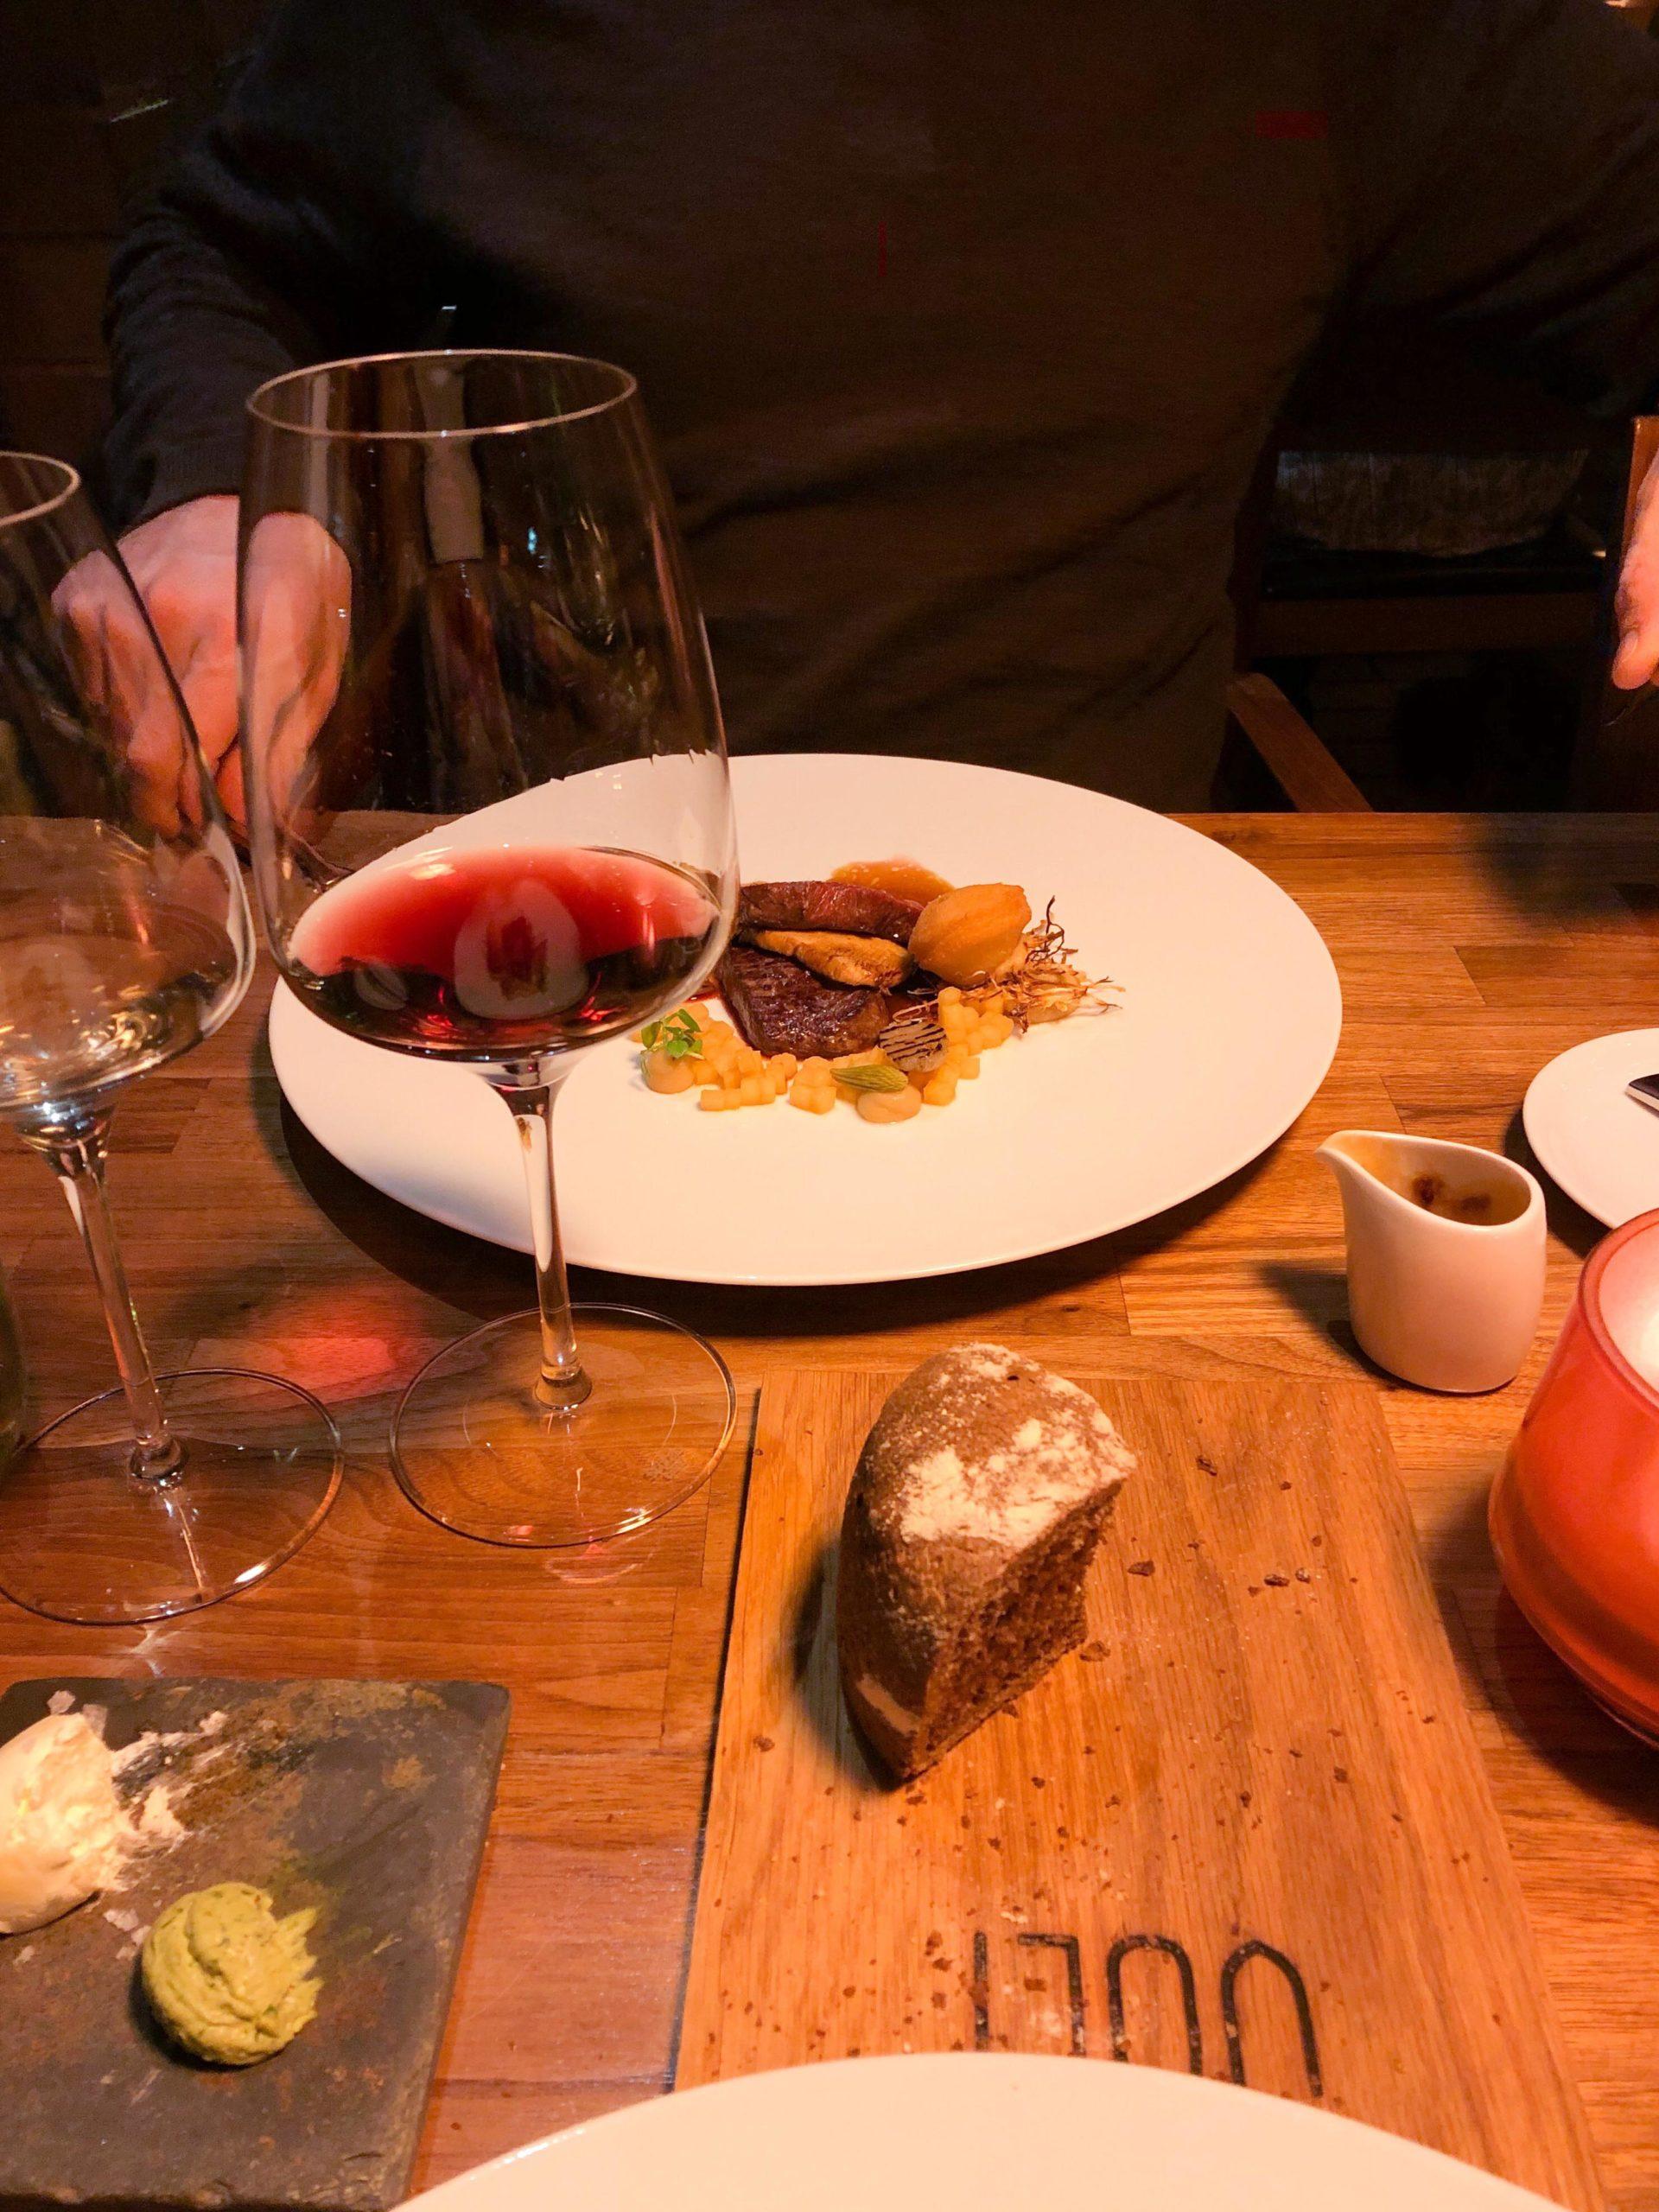 Heute erfahrt ihr alles über das Neuseelandhirschfleisch auf dem Blog. Beitrag findet ihr hier: http://babyrockmyday.com/neuseelandhirschfleisch/